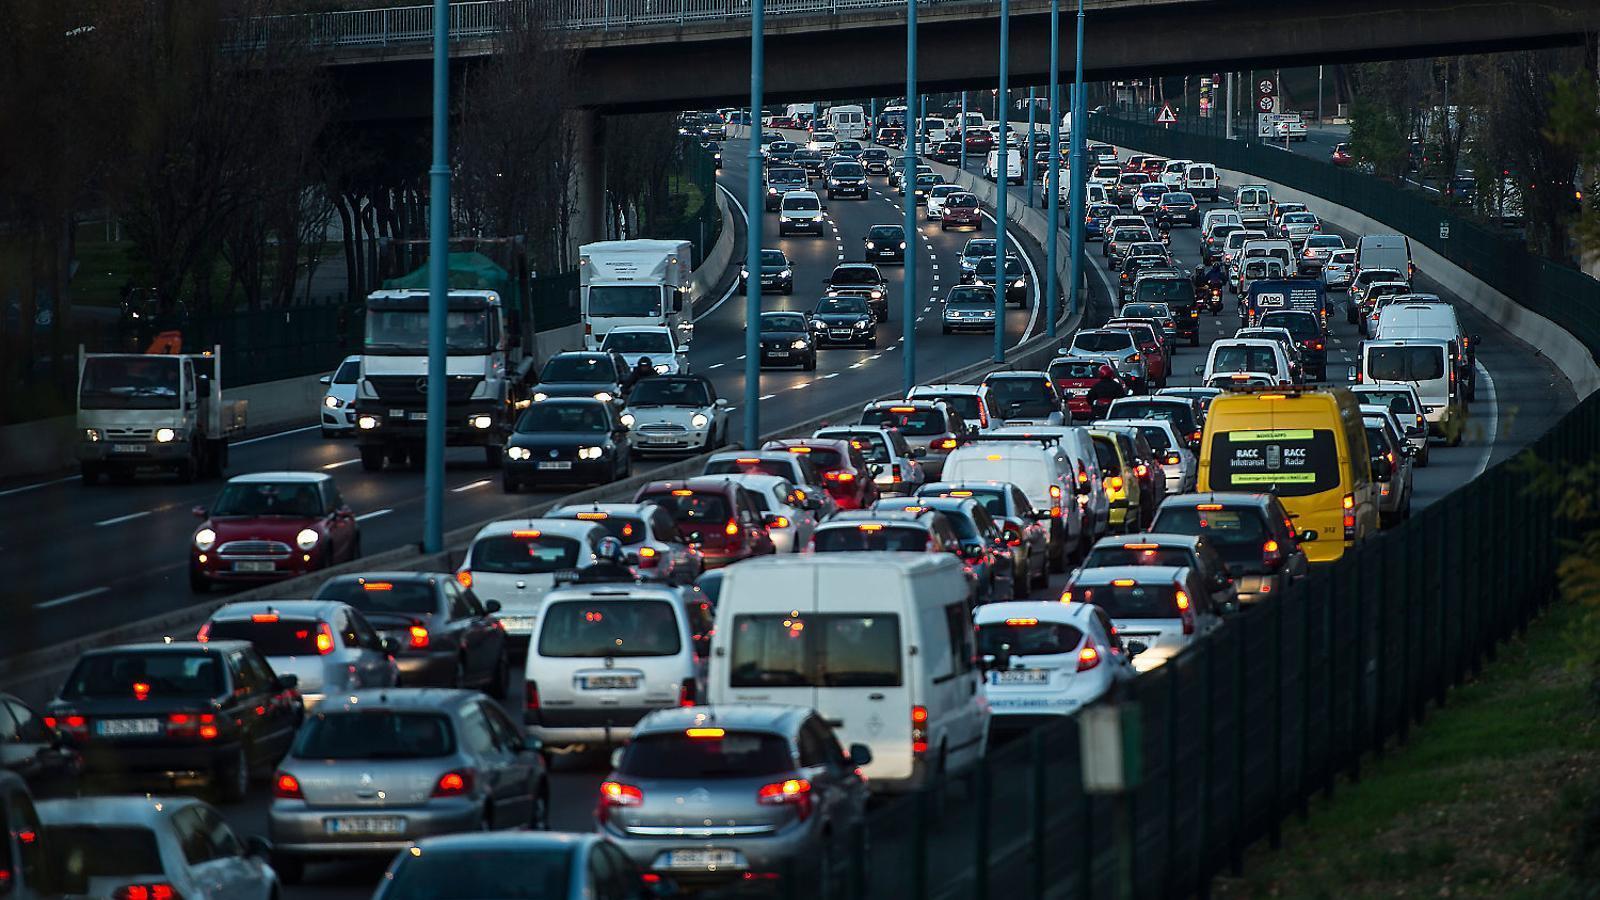 L'impost del CO2 als cotxes s'ajorna per fer canvis a la llei